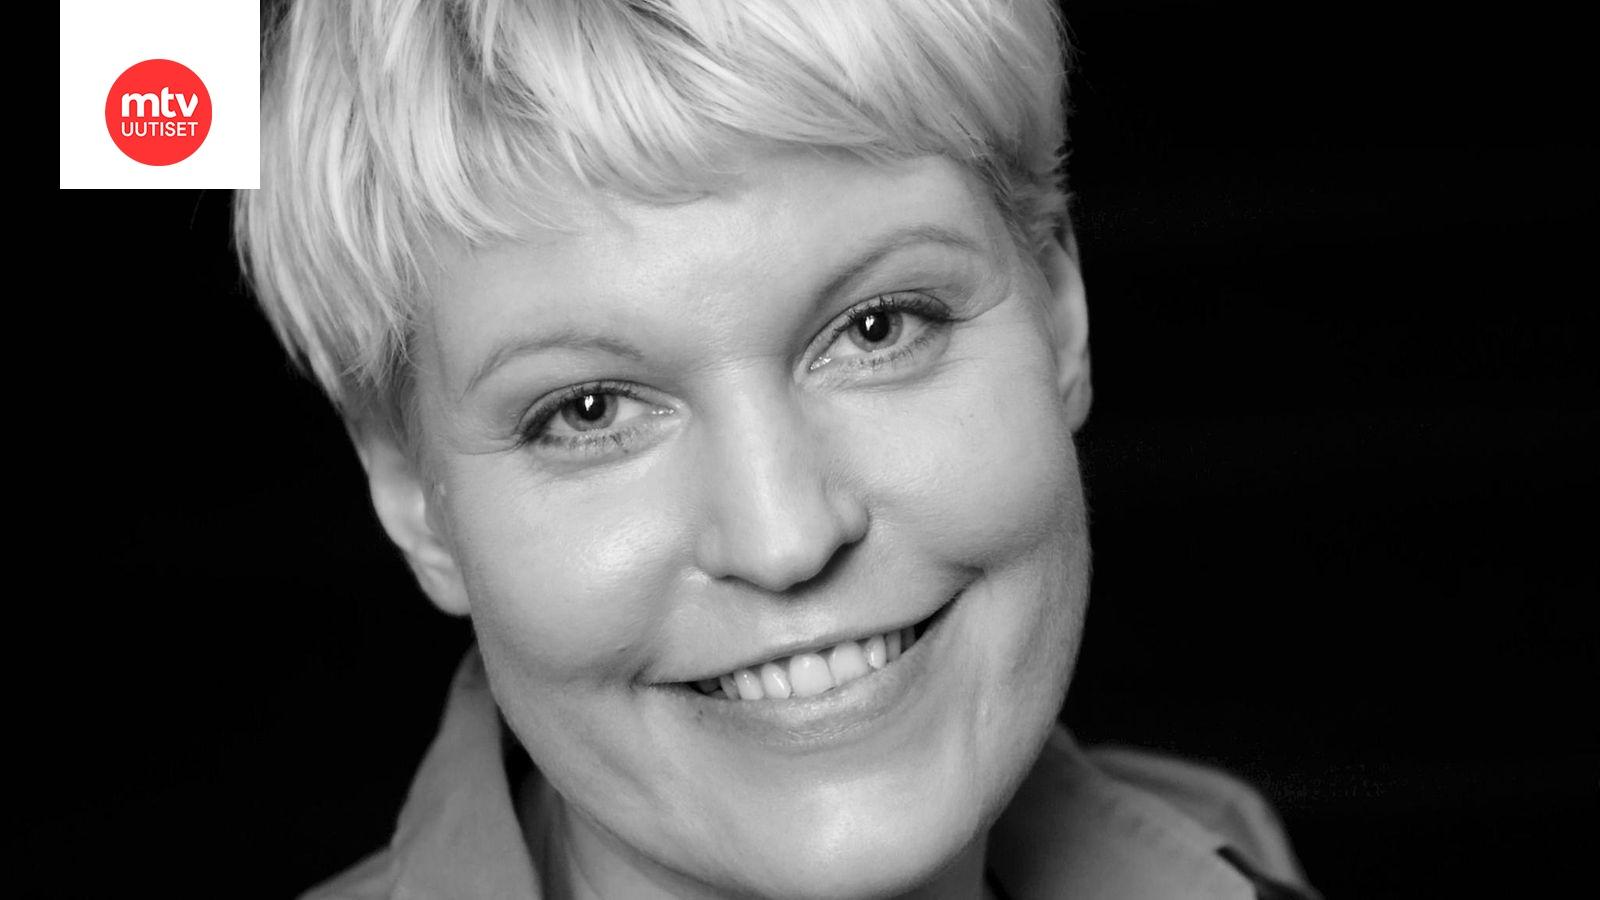 Bertta, 20, menetti äitinsä Sari Seppälän syövälle - debyyttisinglen takana koskettava tarina